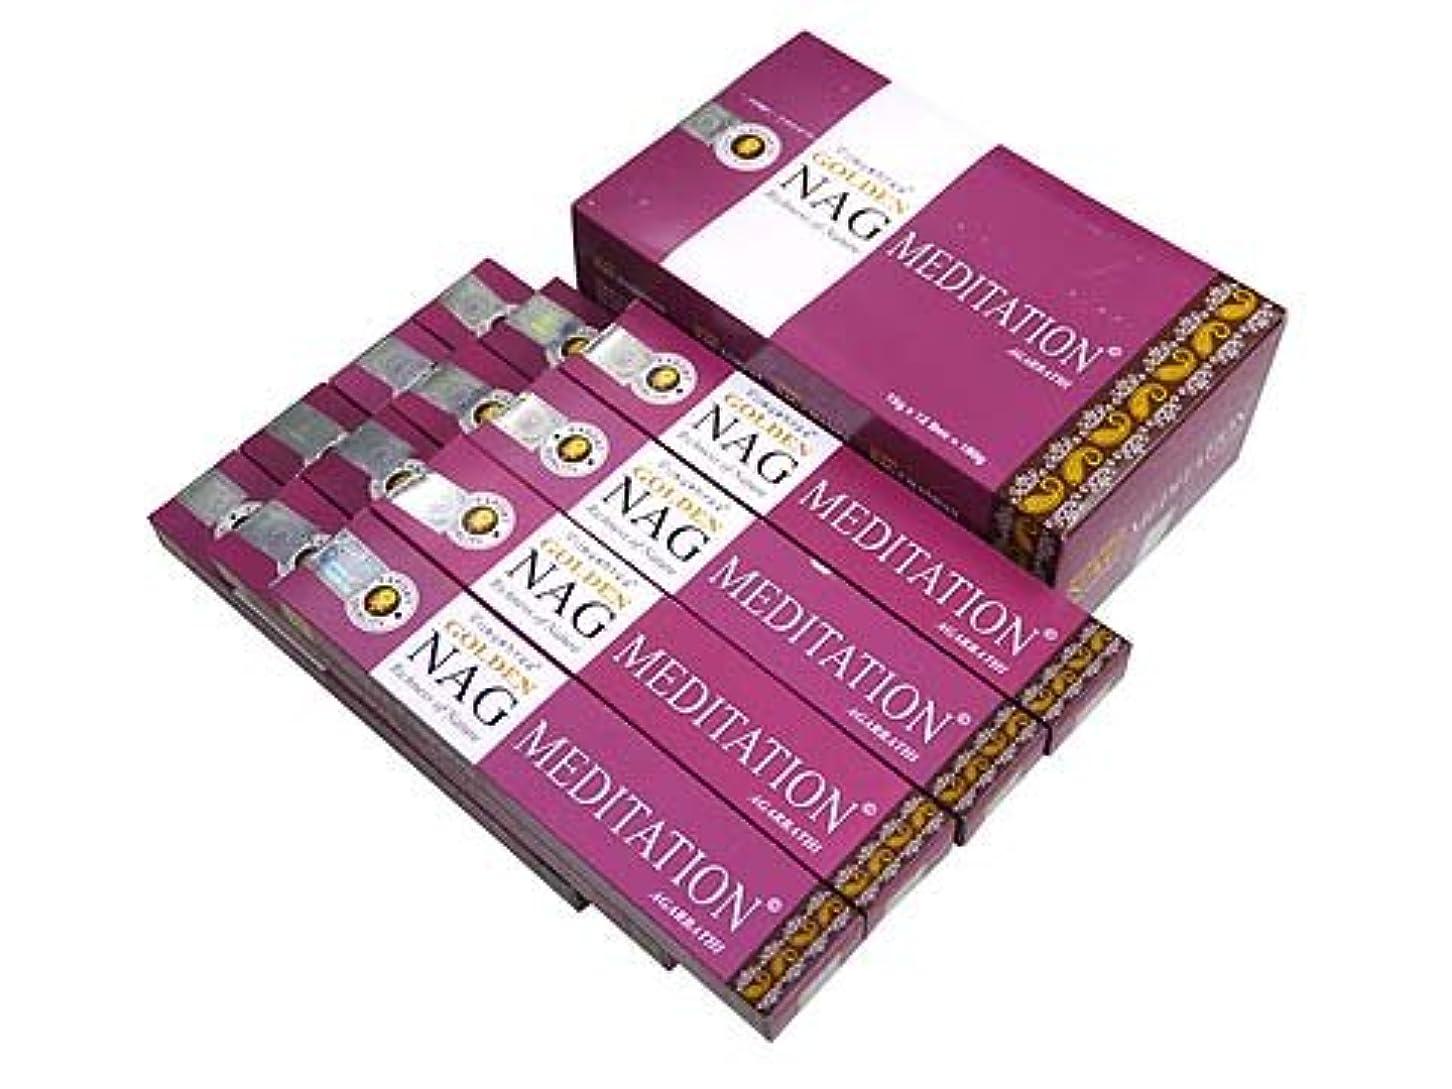 手伝うパイロット洗剤VIJAYSHRE(ヴィジェイシリー ゴールデン) NAG MEDITATION ゴールデン ナグメディテーション香 スティック 12箱セット